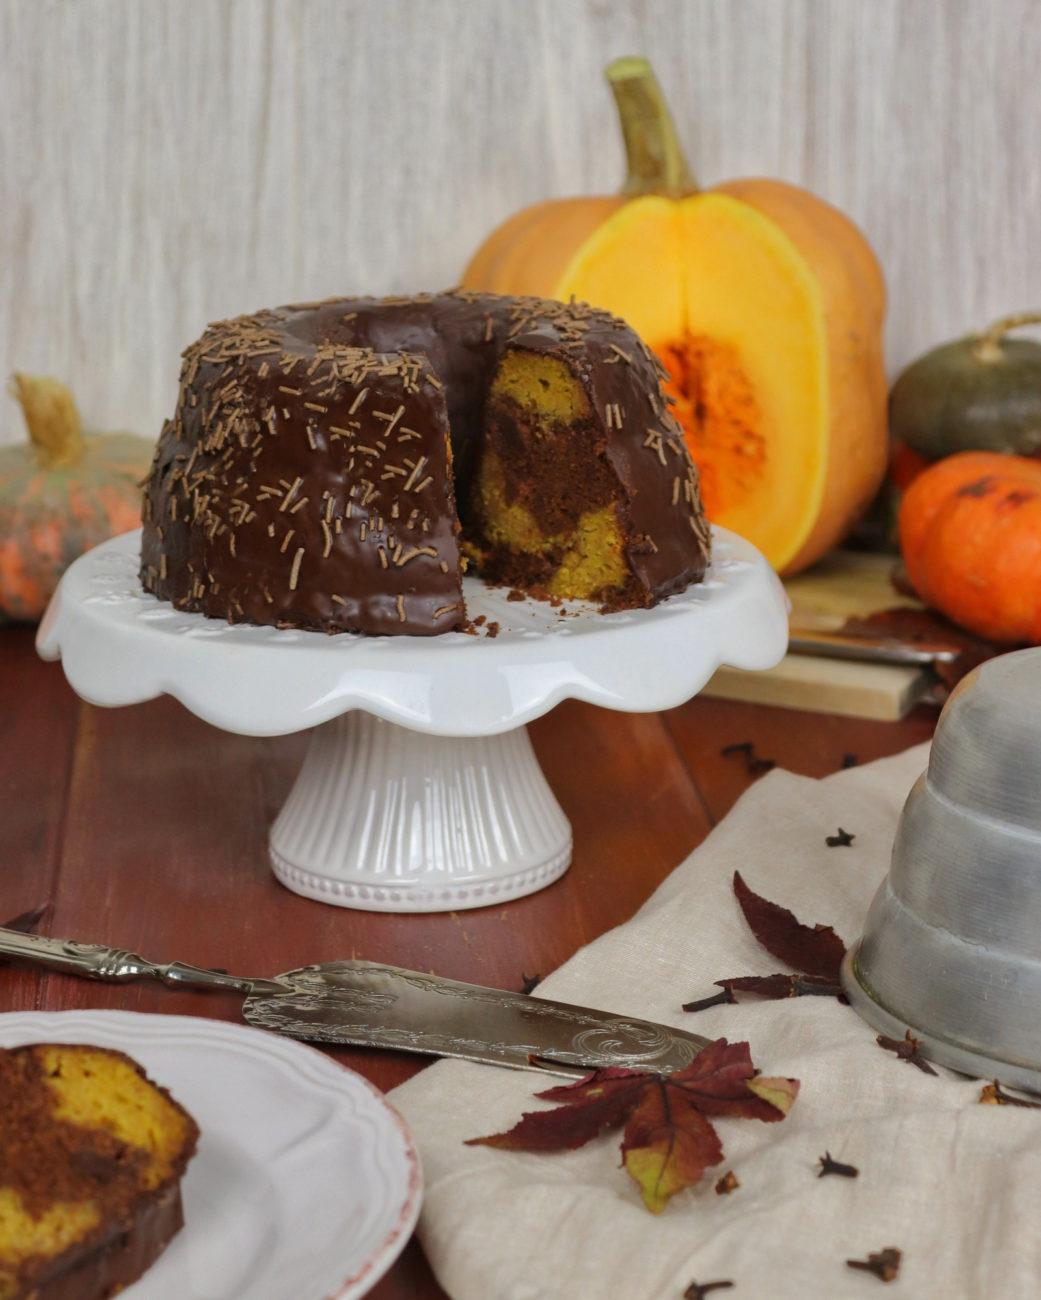 Ciambella alla zucca e cioccolato